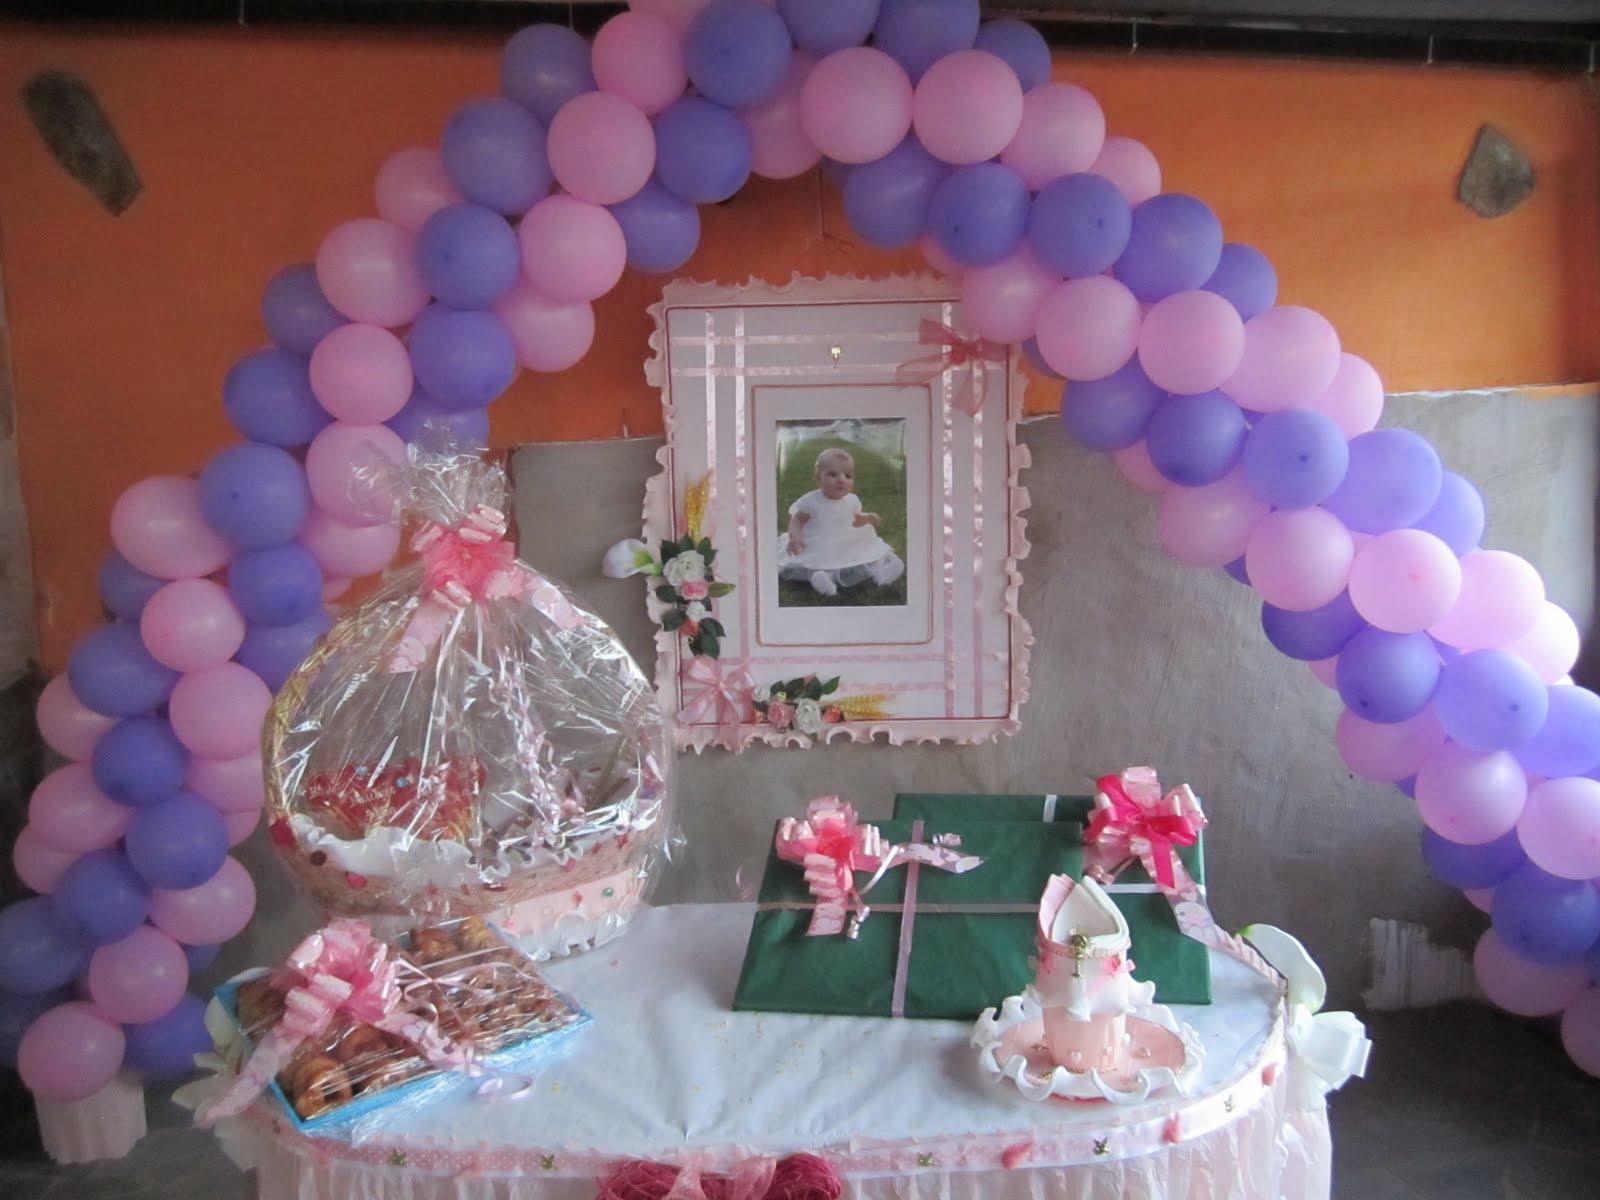 Mi mundo kuki decoracion bautizo for Decoracion de bautizo